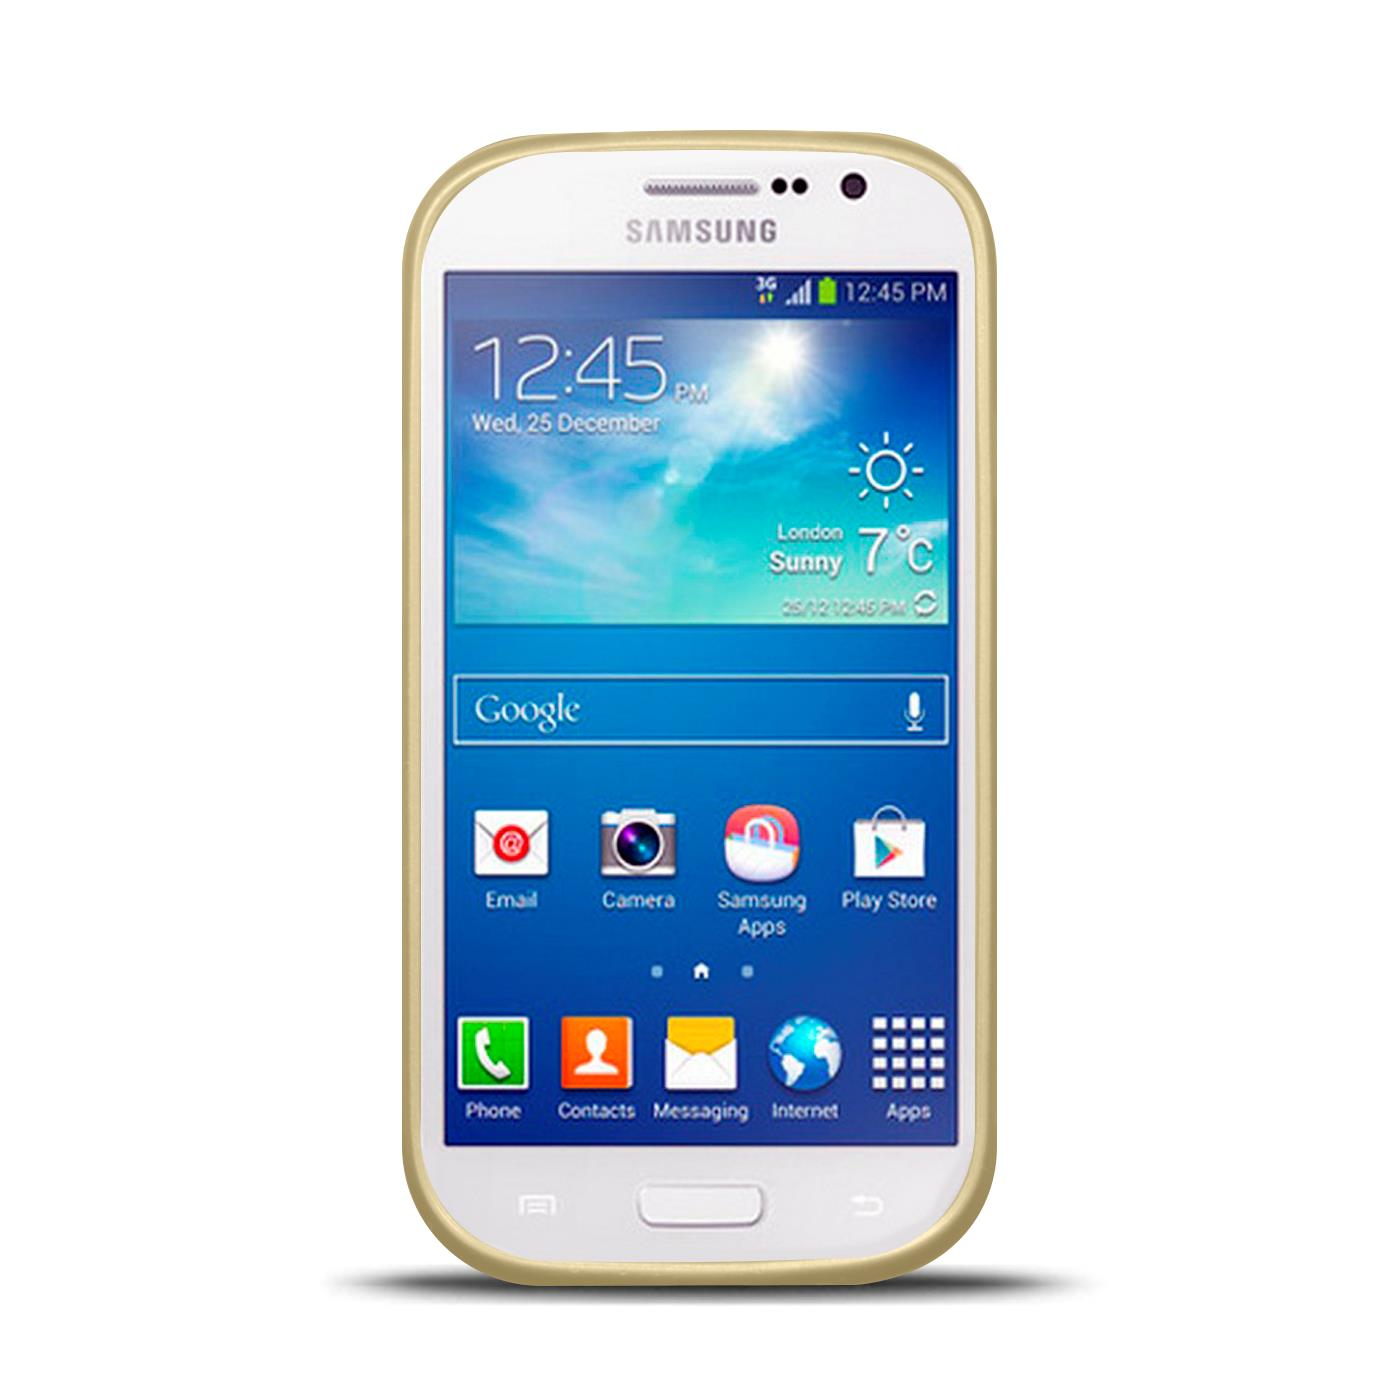 Silikon-Handy-Huelle-Samsung-Galaxy-S3-Neo-Case-Schutz-Cover-Brushed-Tasche-Etui